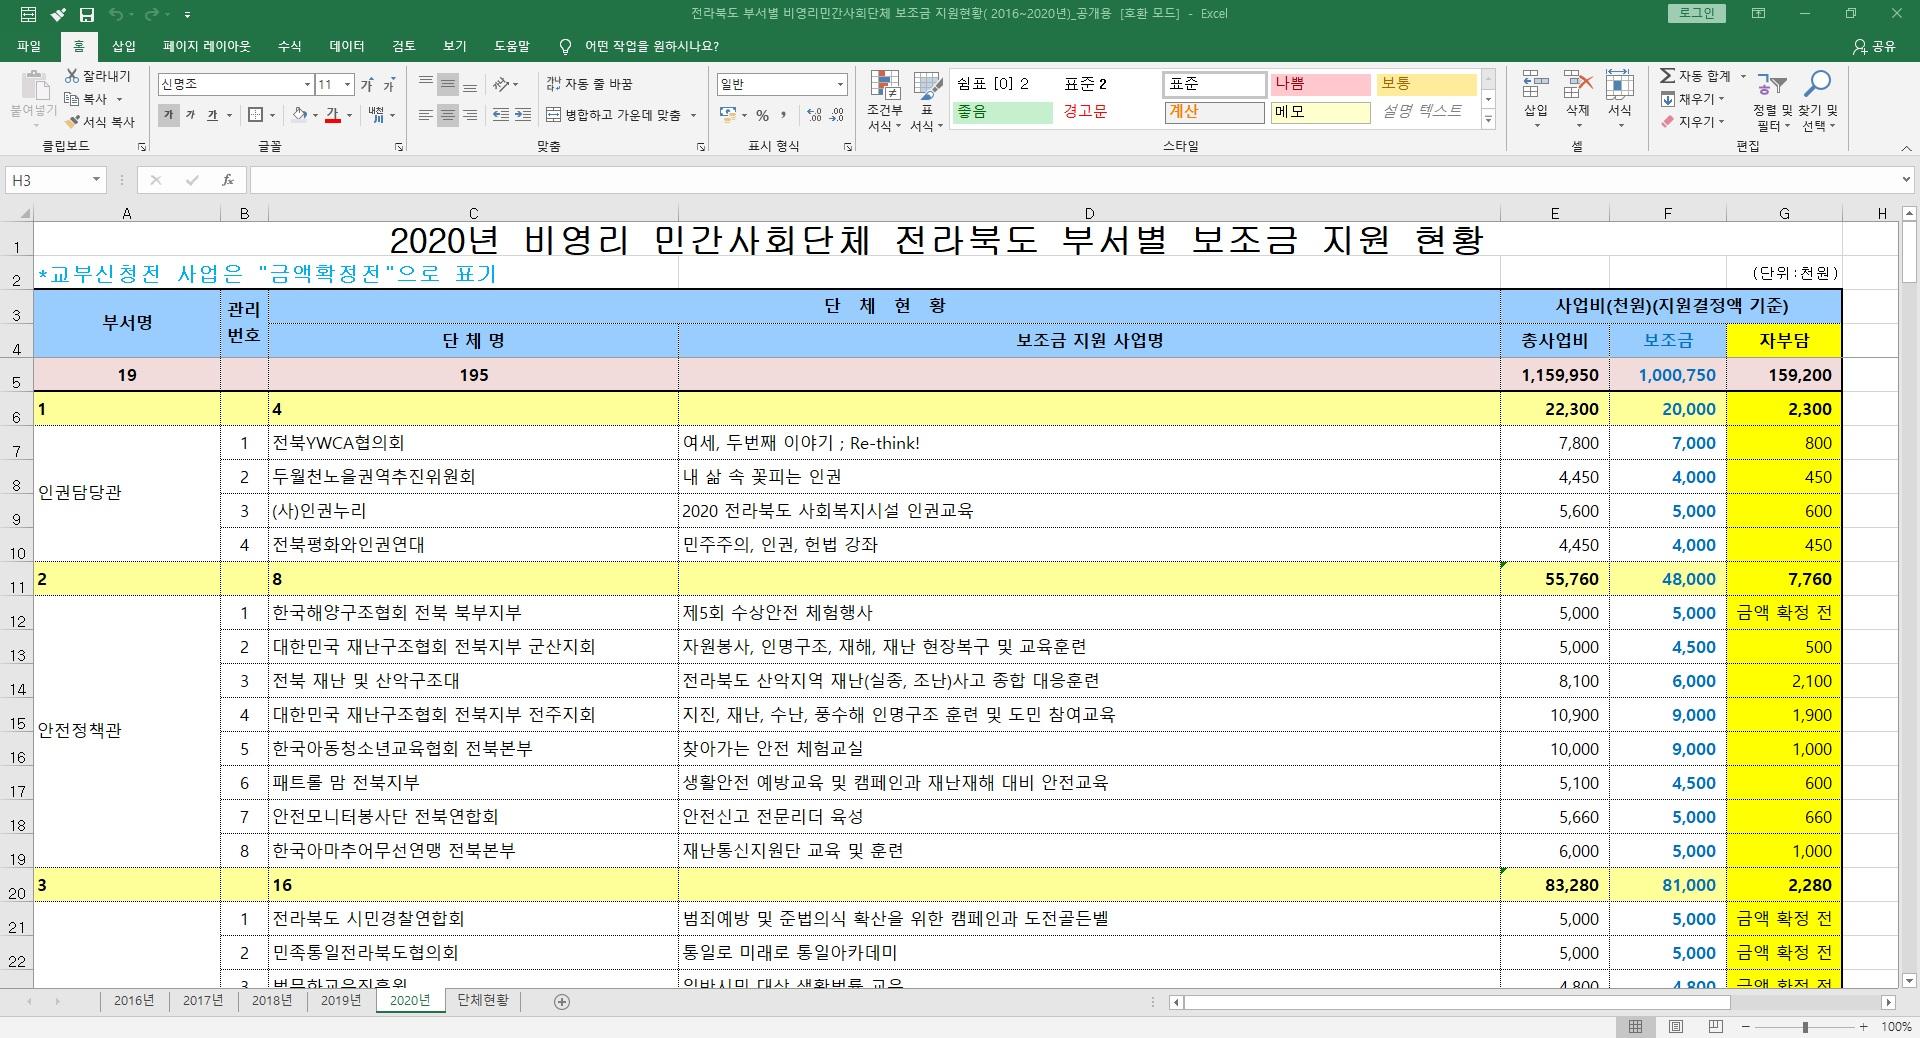 8.28_2020년 전북도 부서별 민간사회단체 보조금 지원현황.jpg